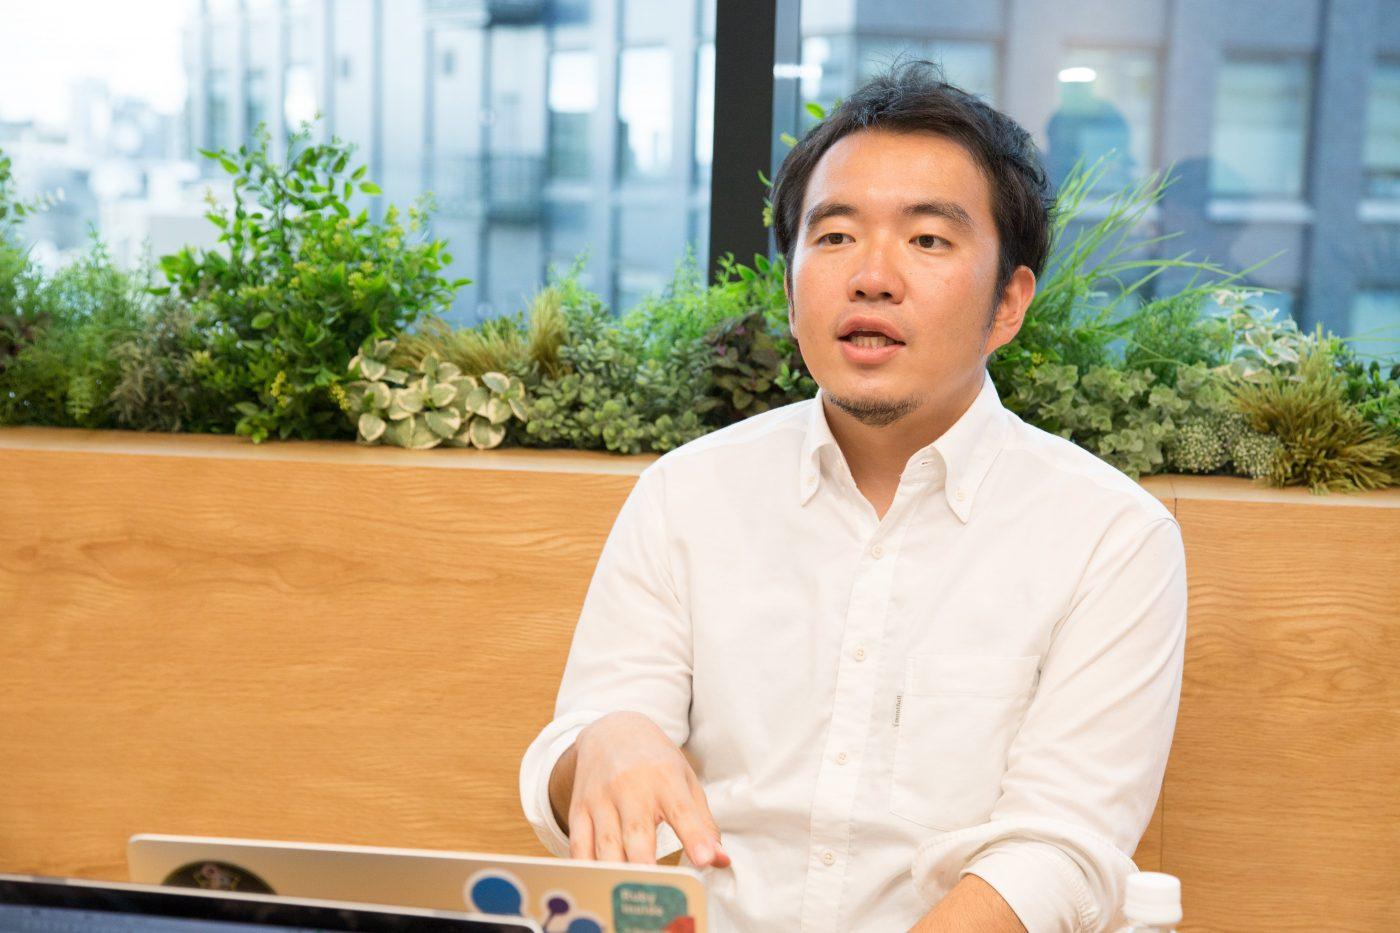 2回目のサービスクローズと時を同じくして、Open Network Labのアクセラレータープログラムに参加した宮田氏。3ヵ月後に控えるDemoday(デモデイ)で優勝できなければ、家族や共同創業者の内藤氏のことも考えて会社を畳む決断をしていたという。